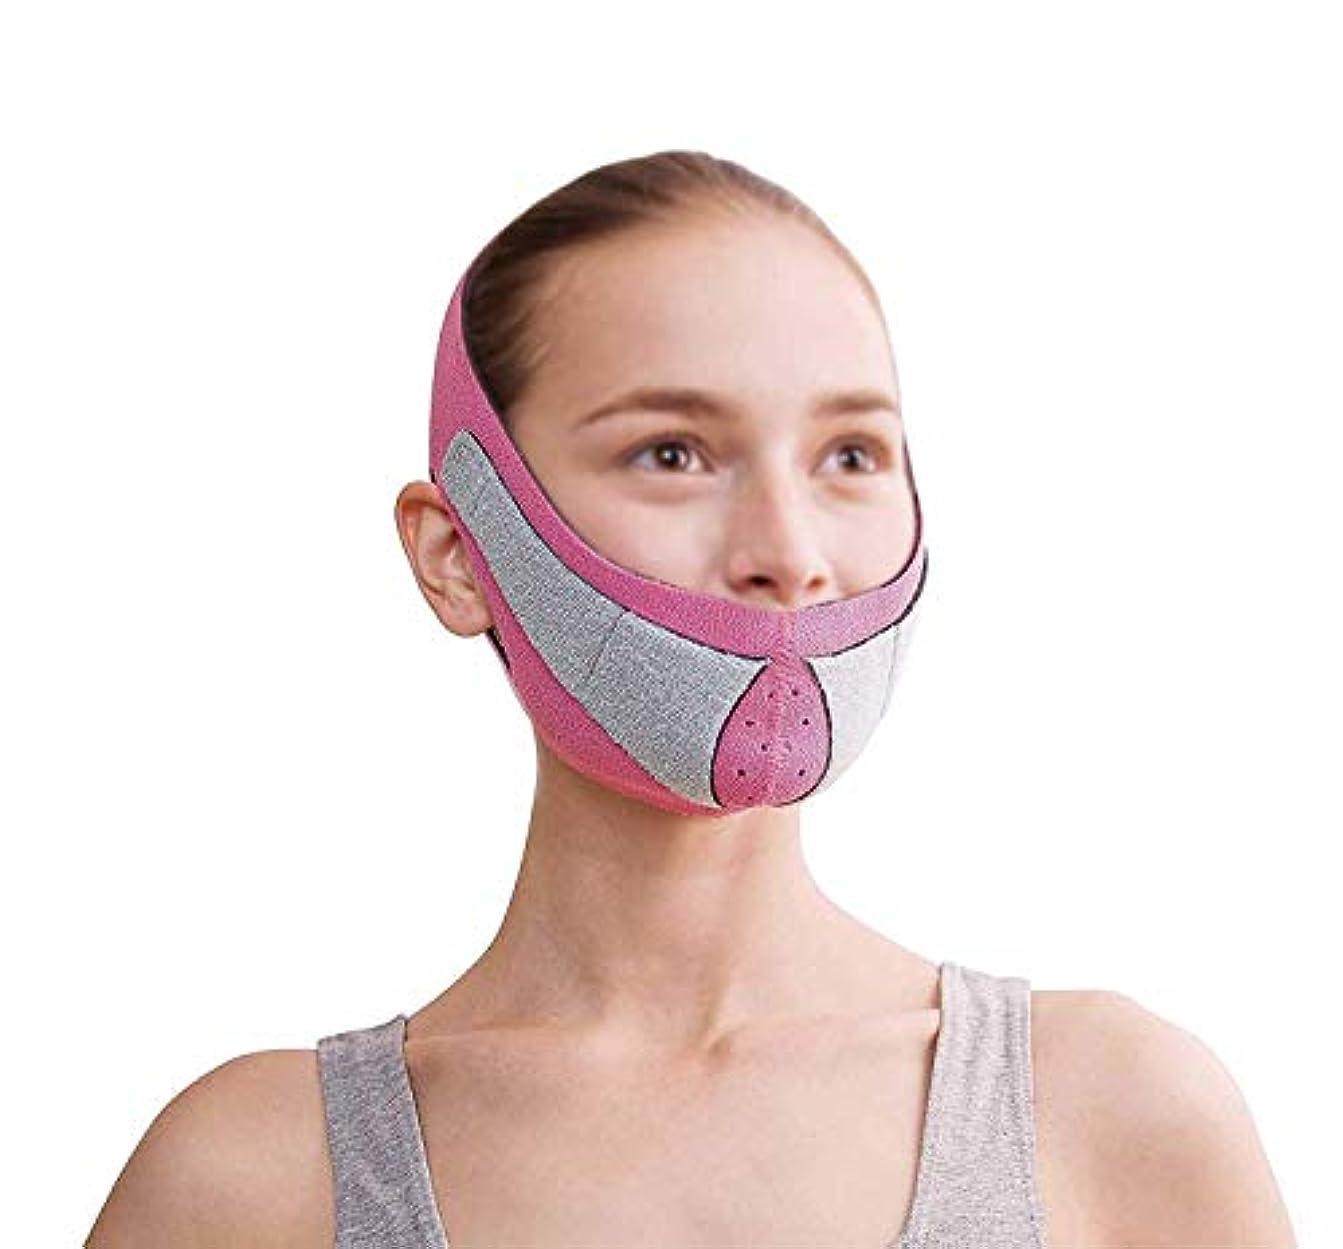 混乱優遇フレッシュフェイスリフトマスク、顔のMaskplus薄いフェイスマスクタイトなたるみの薄いフェイスマスク顔の薄いフェイスマスクアーティファクトネックストラップ付き